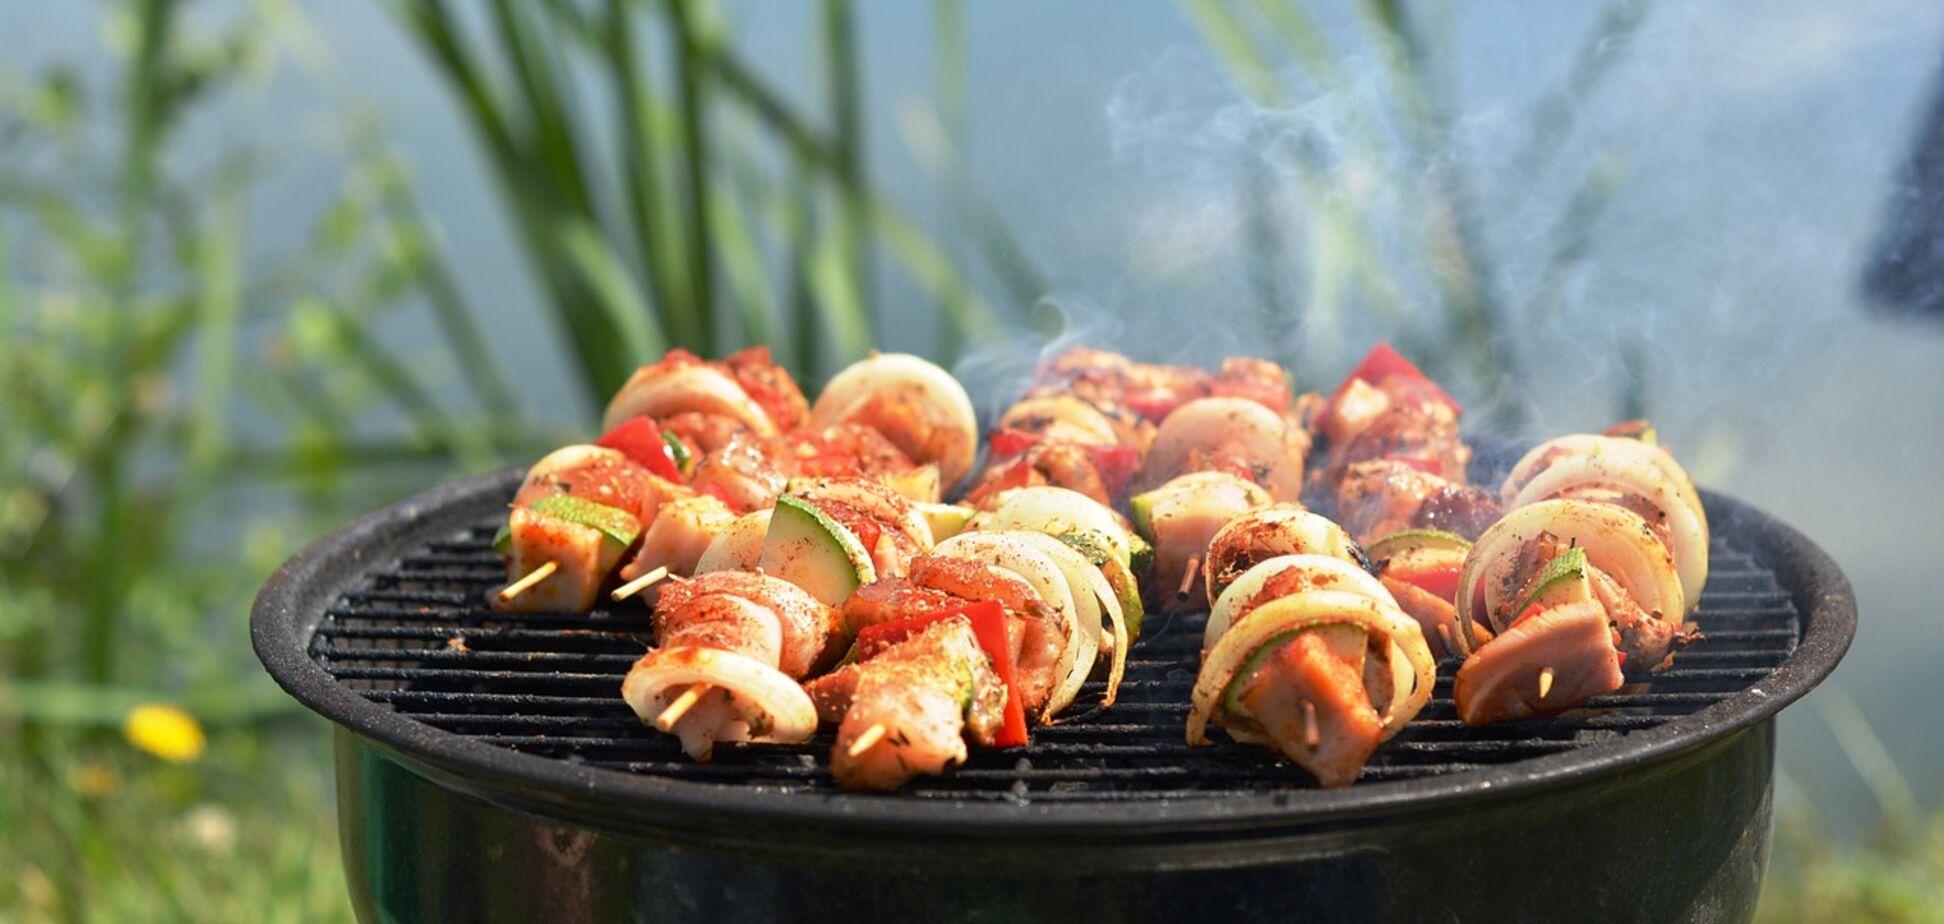 'Не только шашлыки': известный повар поделился необычными рецептами для пикника